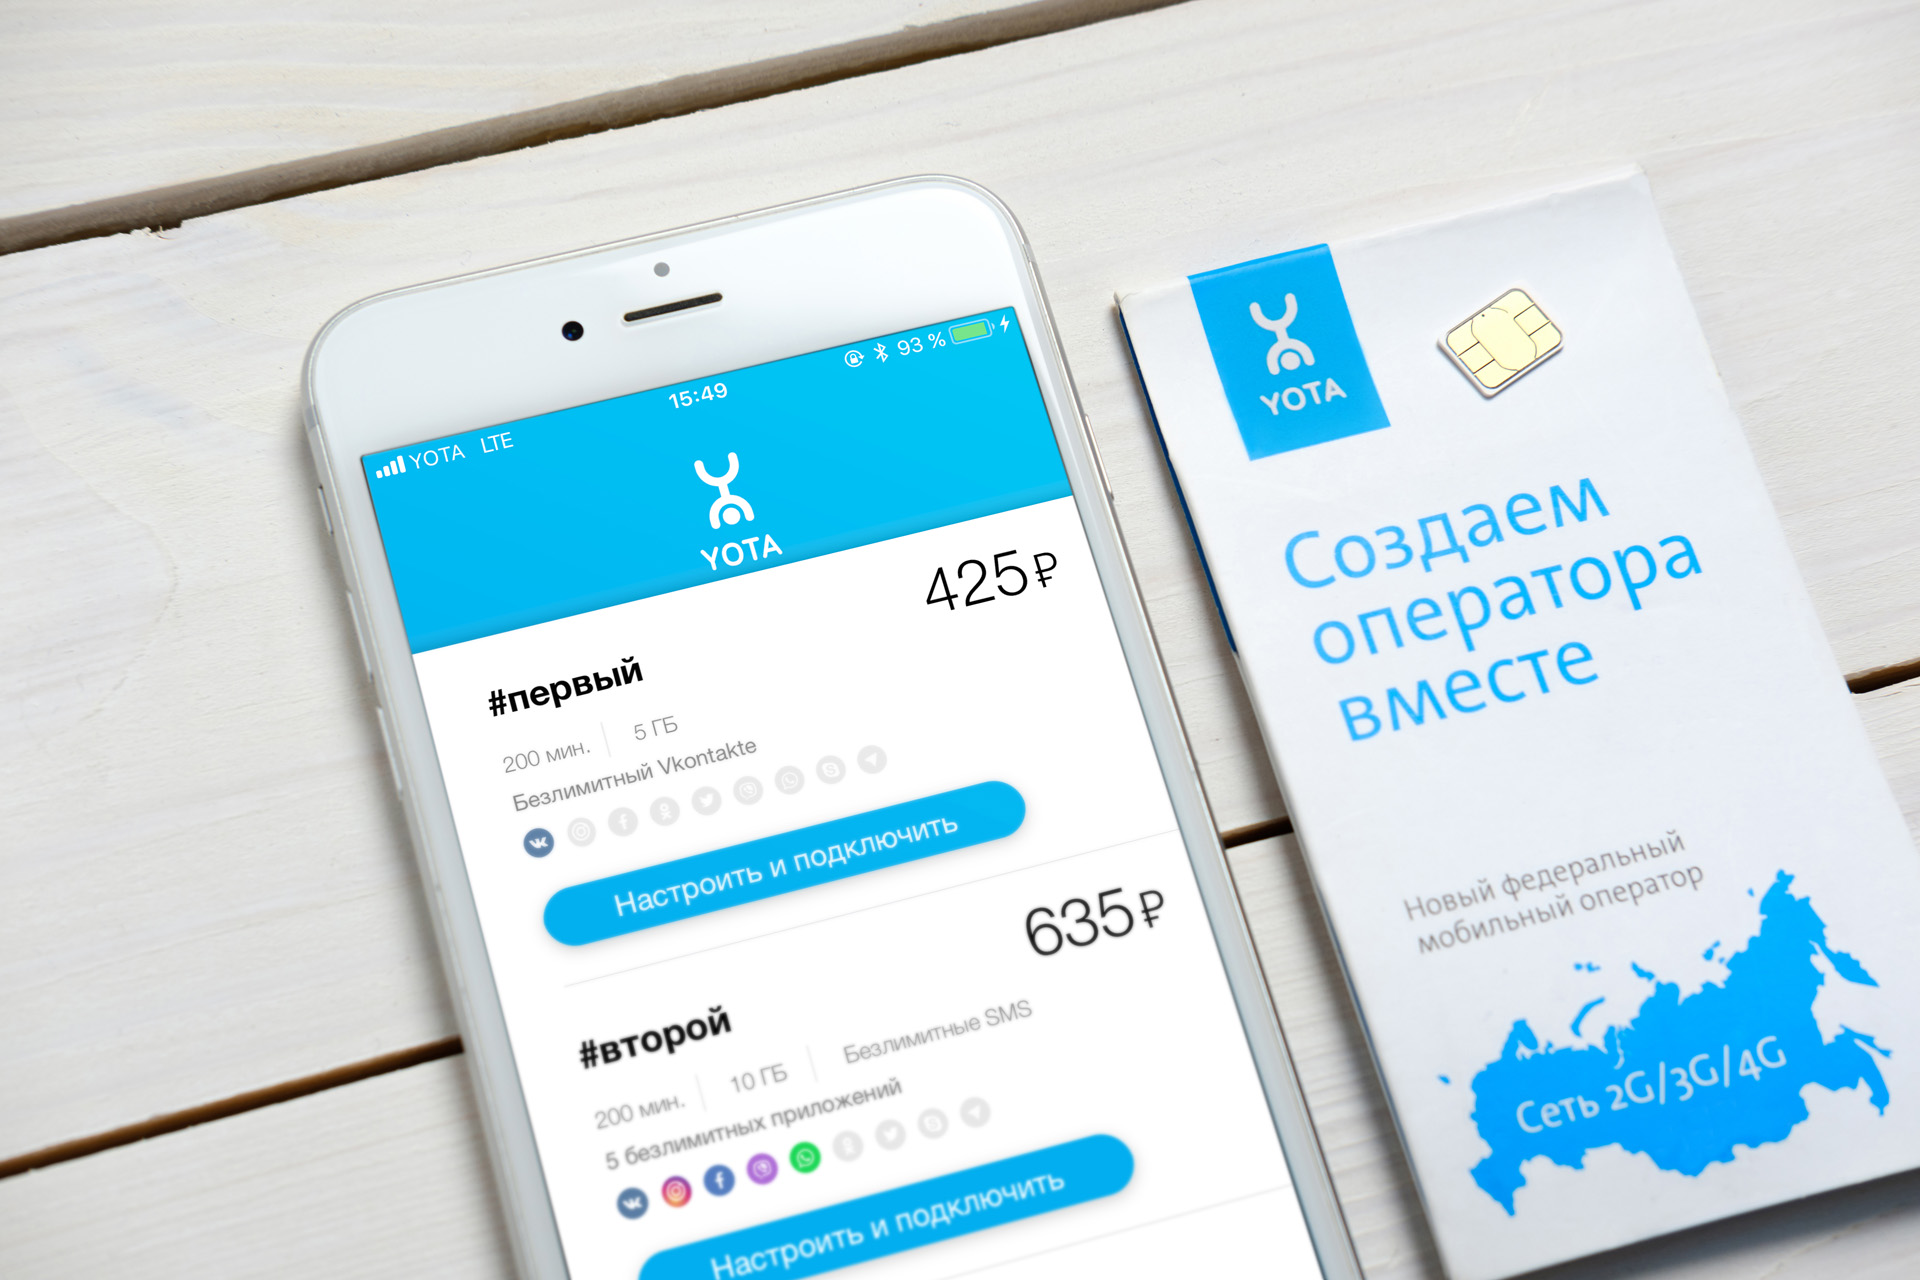 Yota снижает цены в 12 регионах России